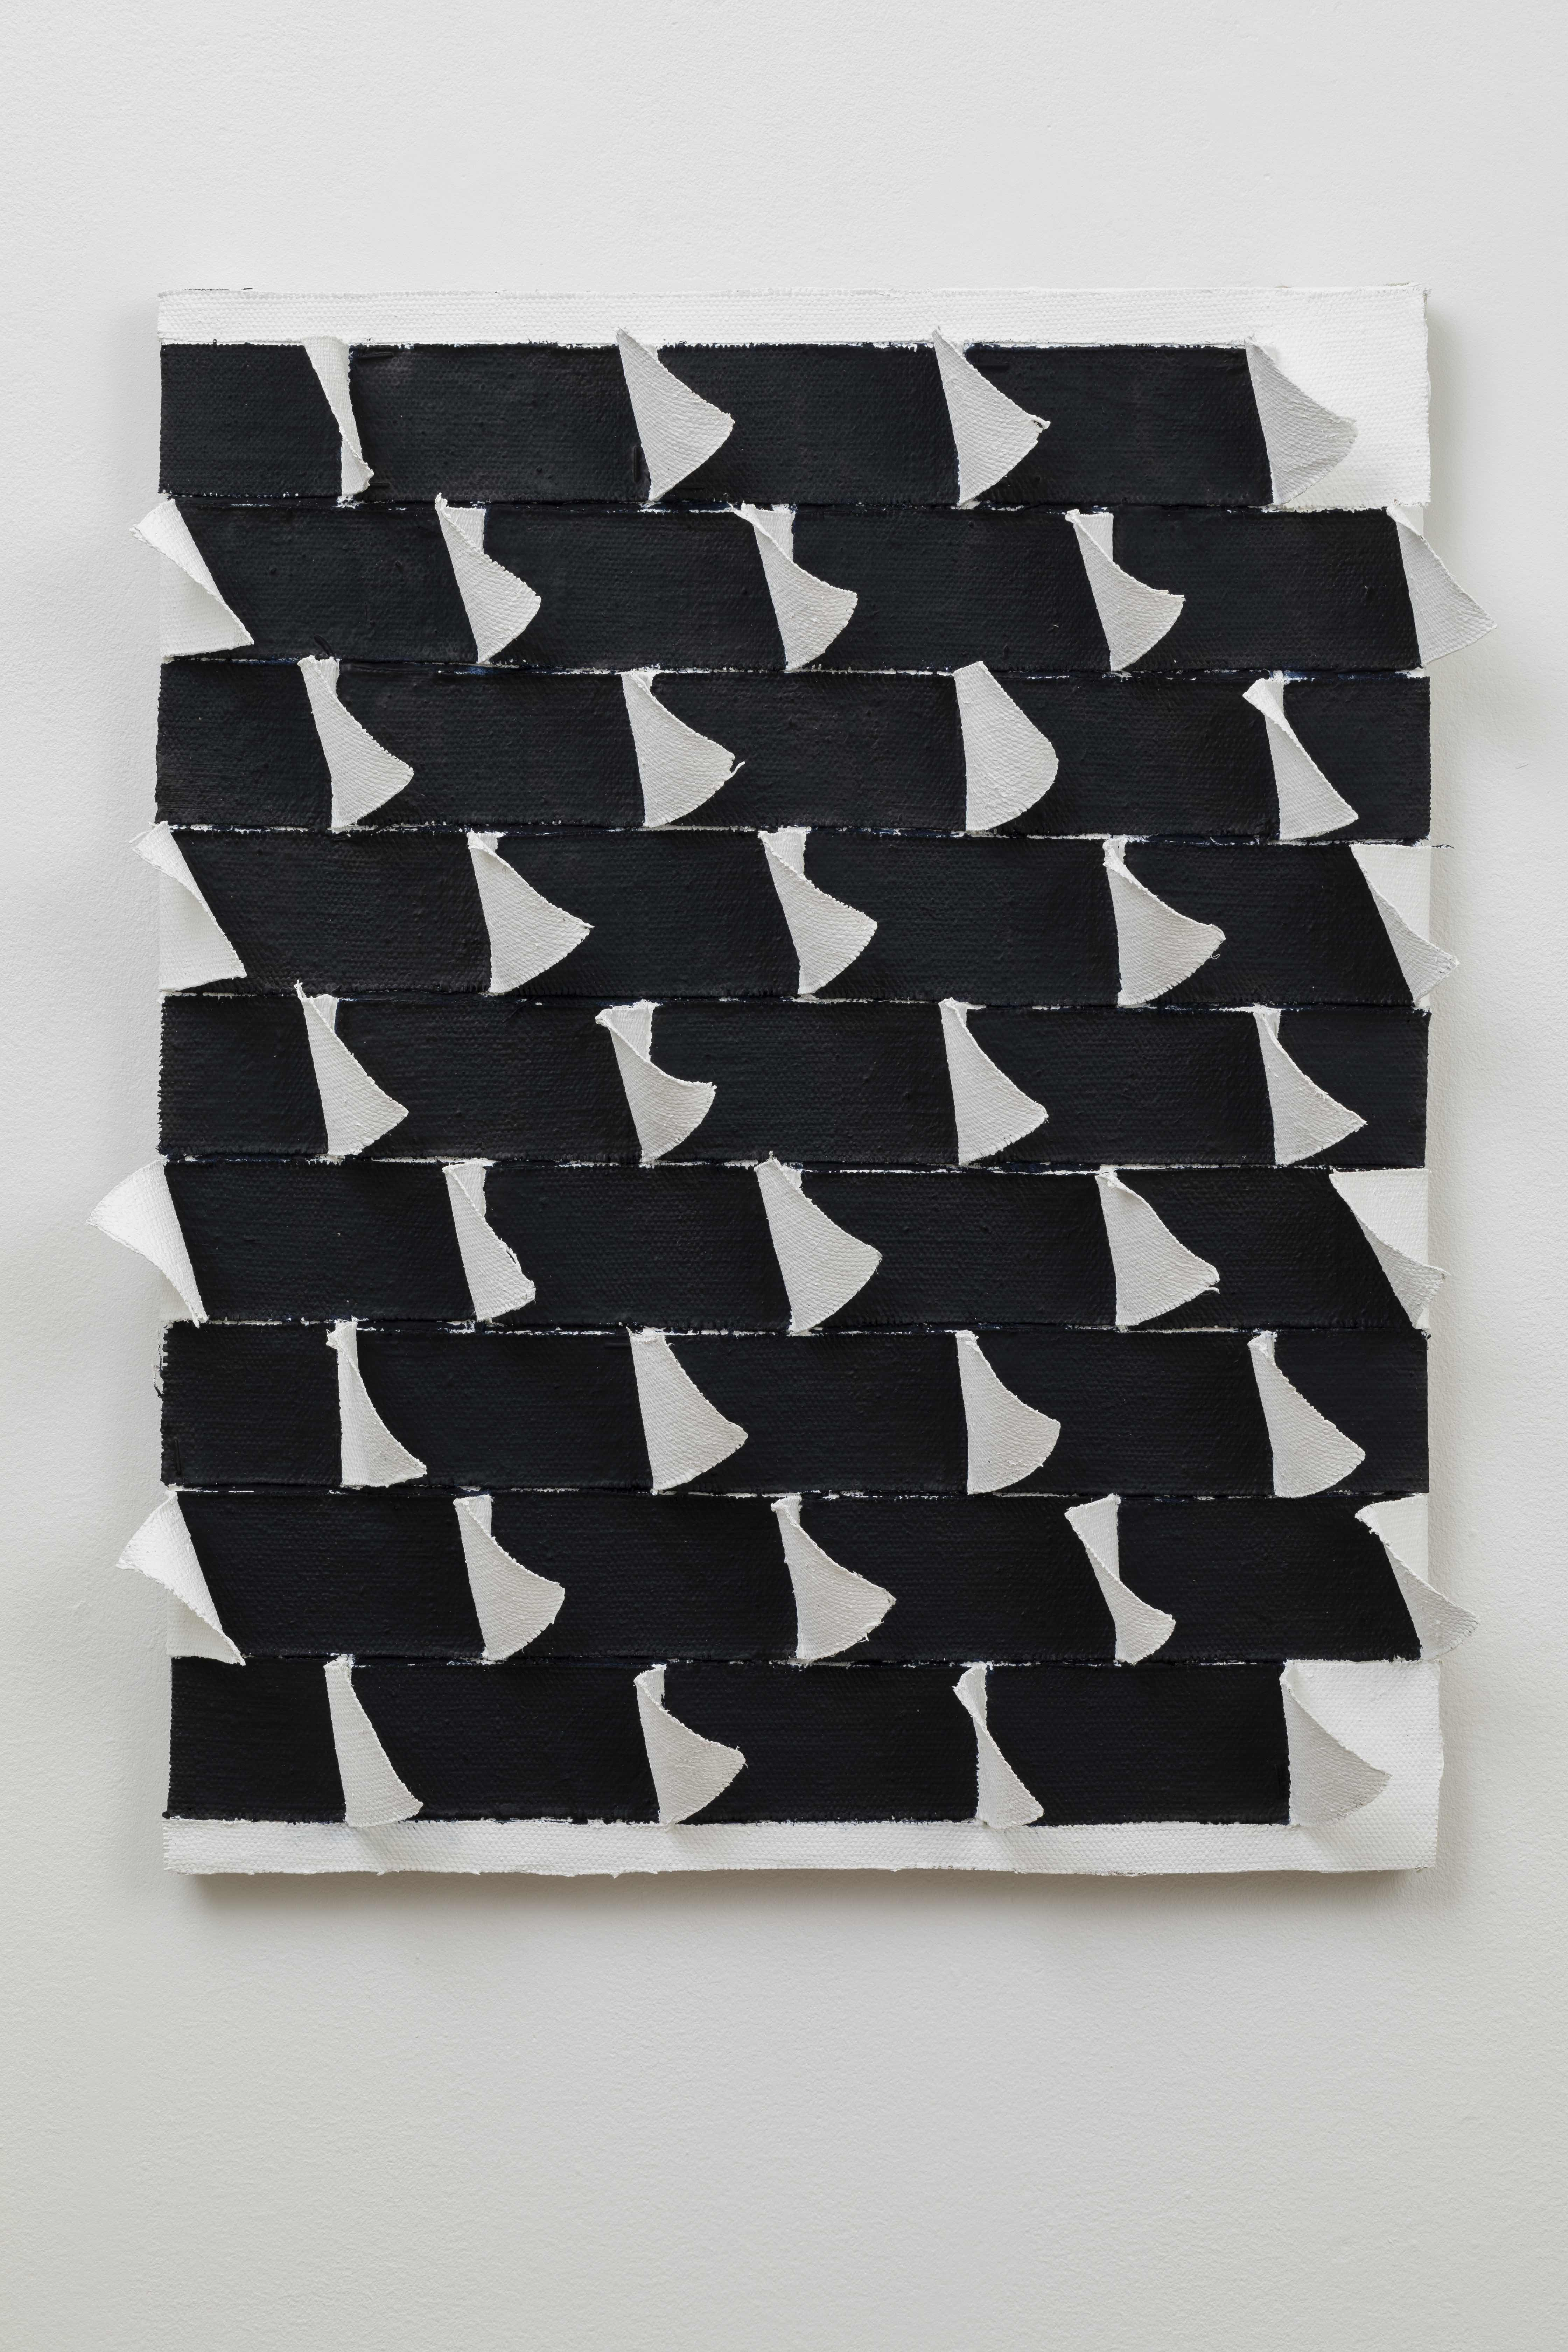 Adam Winner, Yet untitled, 2020, Oil on linen, 51.50h x 42w x 7d cm 20.28h x 16.54w x 2.76d in, Angel Gil/Courtesy of Galerie Forsblom.